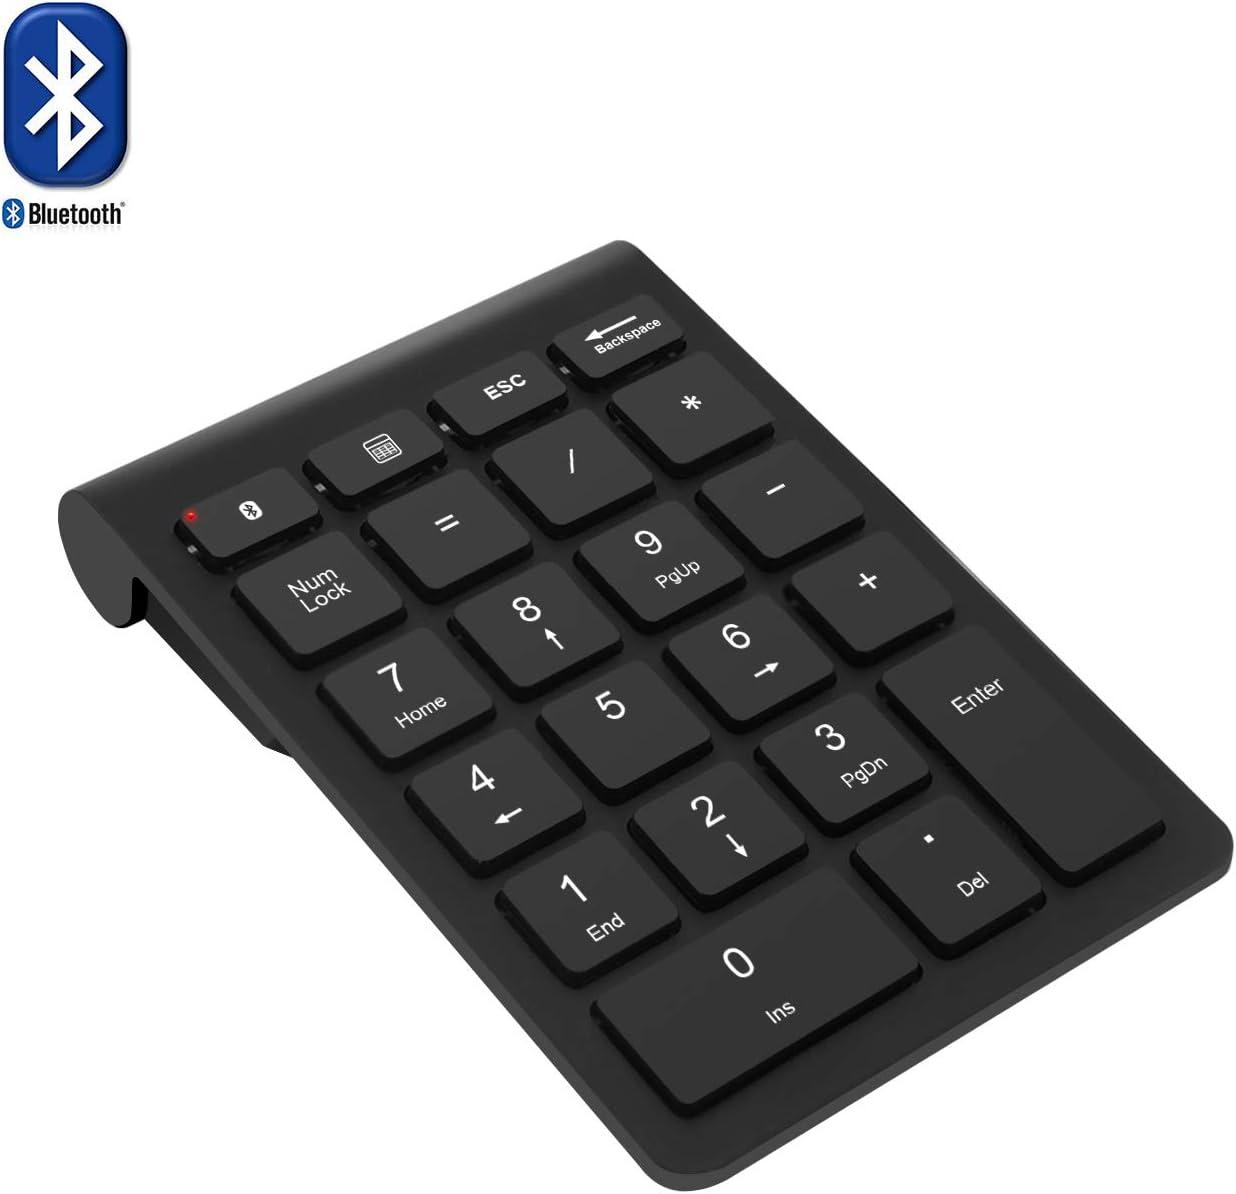 Teclado numérico Bluetooth, Teclado numérico Rytakide 22 Teclas Portable, inalámbrico y Bluetooth Extensiones de tecladopara Data Entry de Contabilidad financierapara Laptop, Escritorio, PC, Notebook